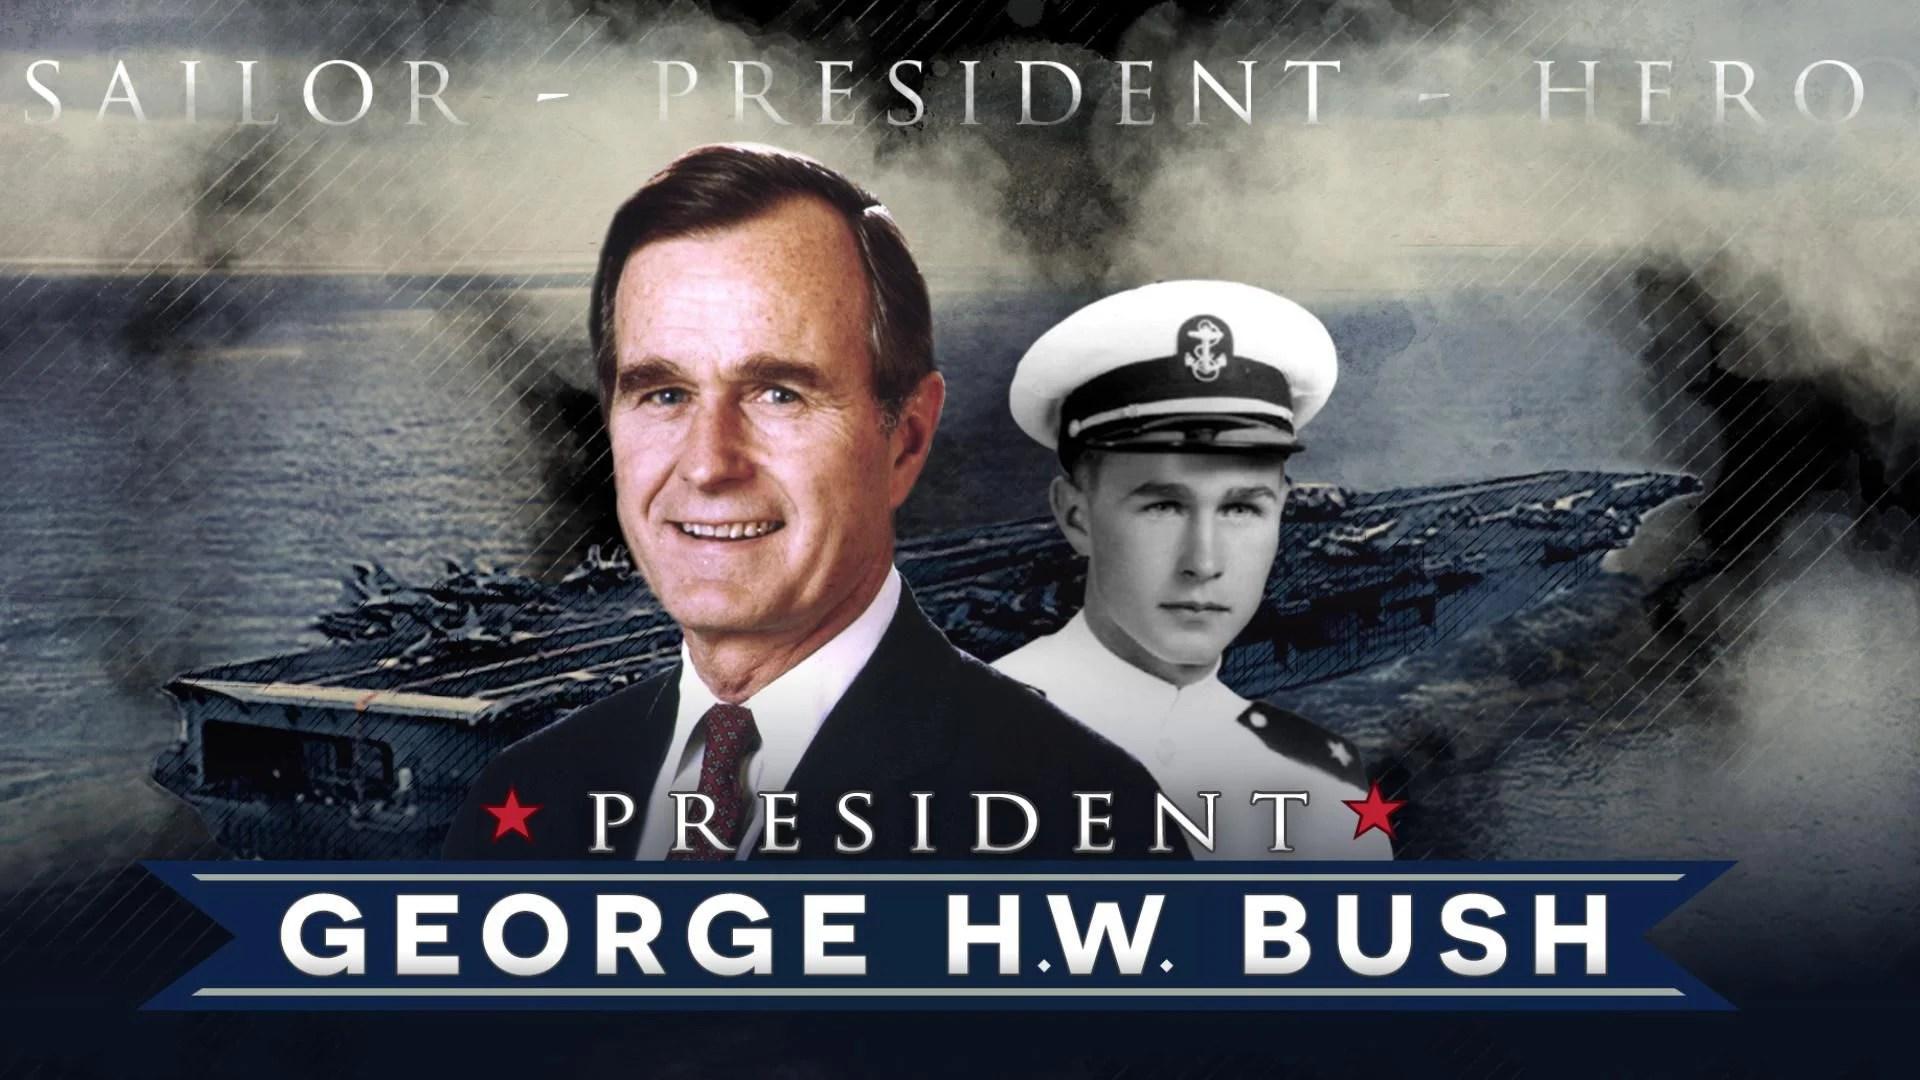 naval career of president george h.w. bush